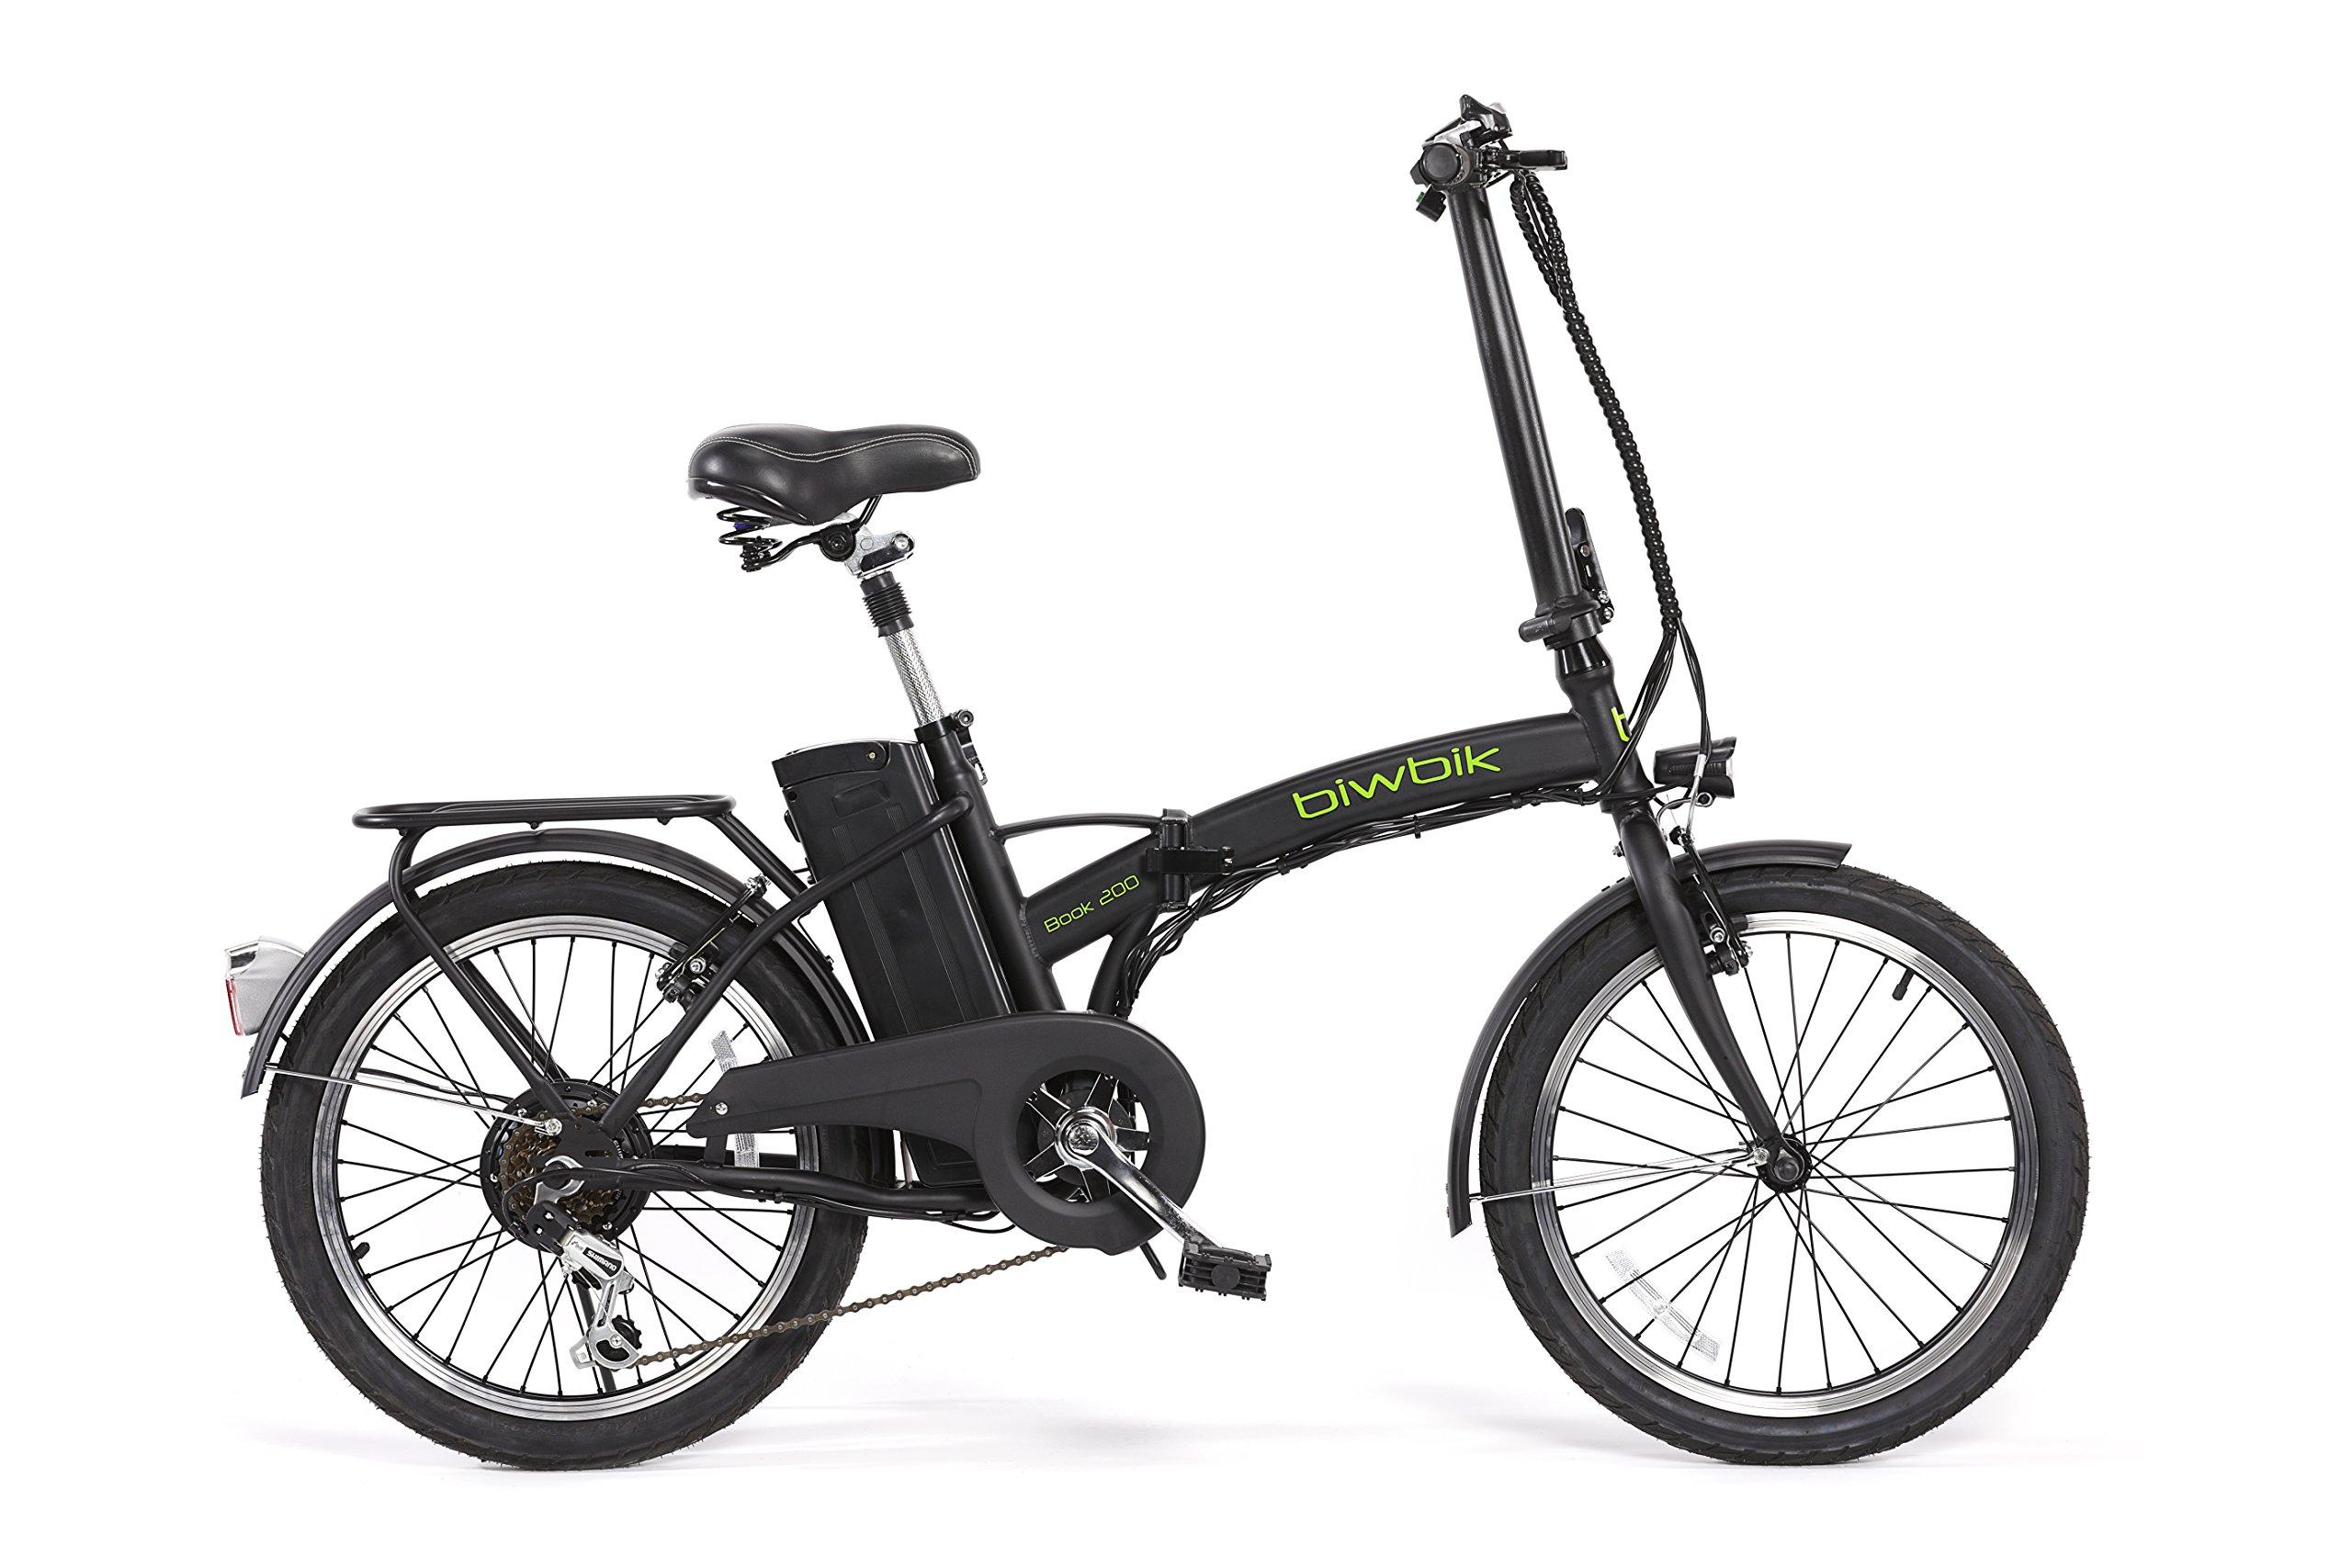 Vélo électrique pliant mod. Book 200 Batterie Lithium Ion 36V 10Ah product image